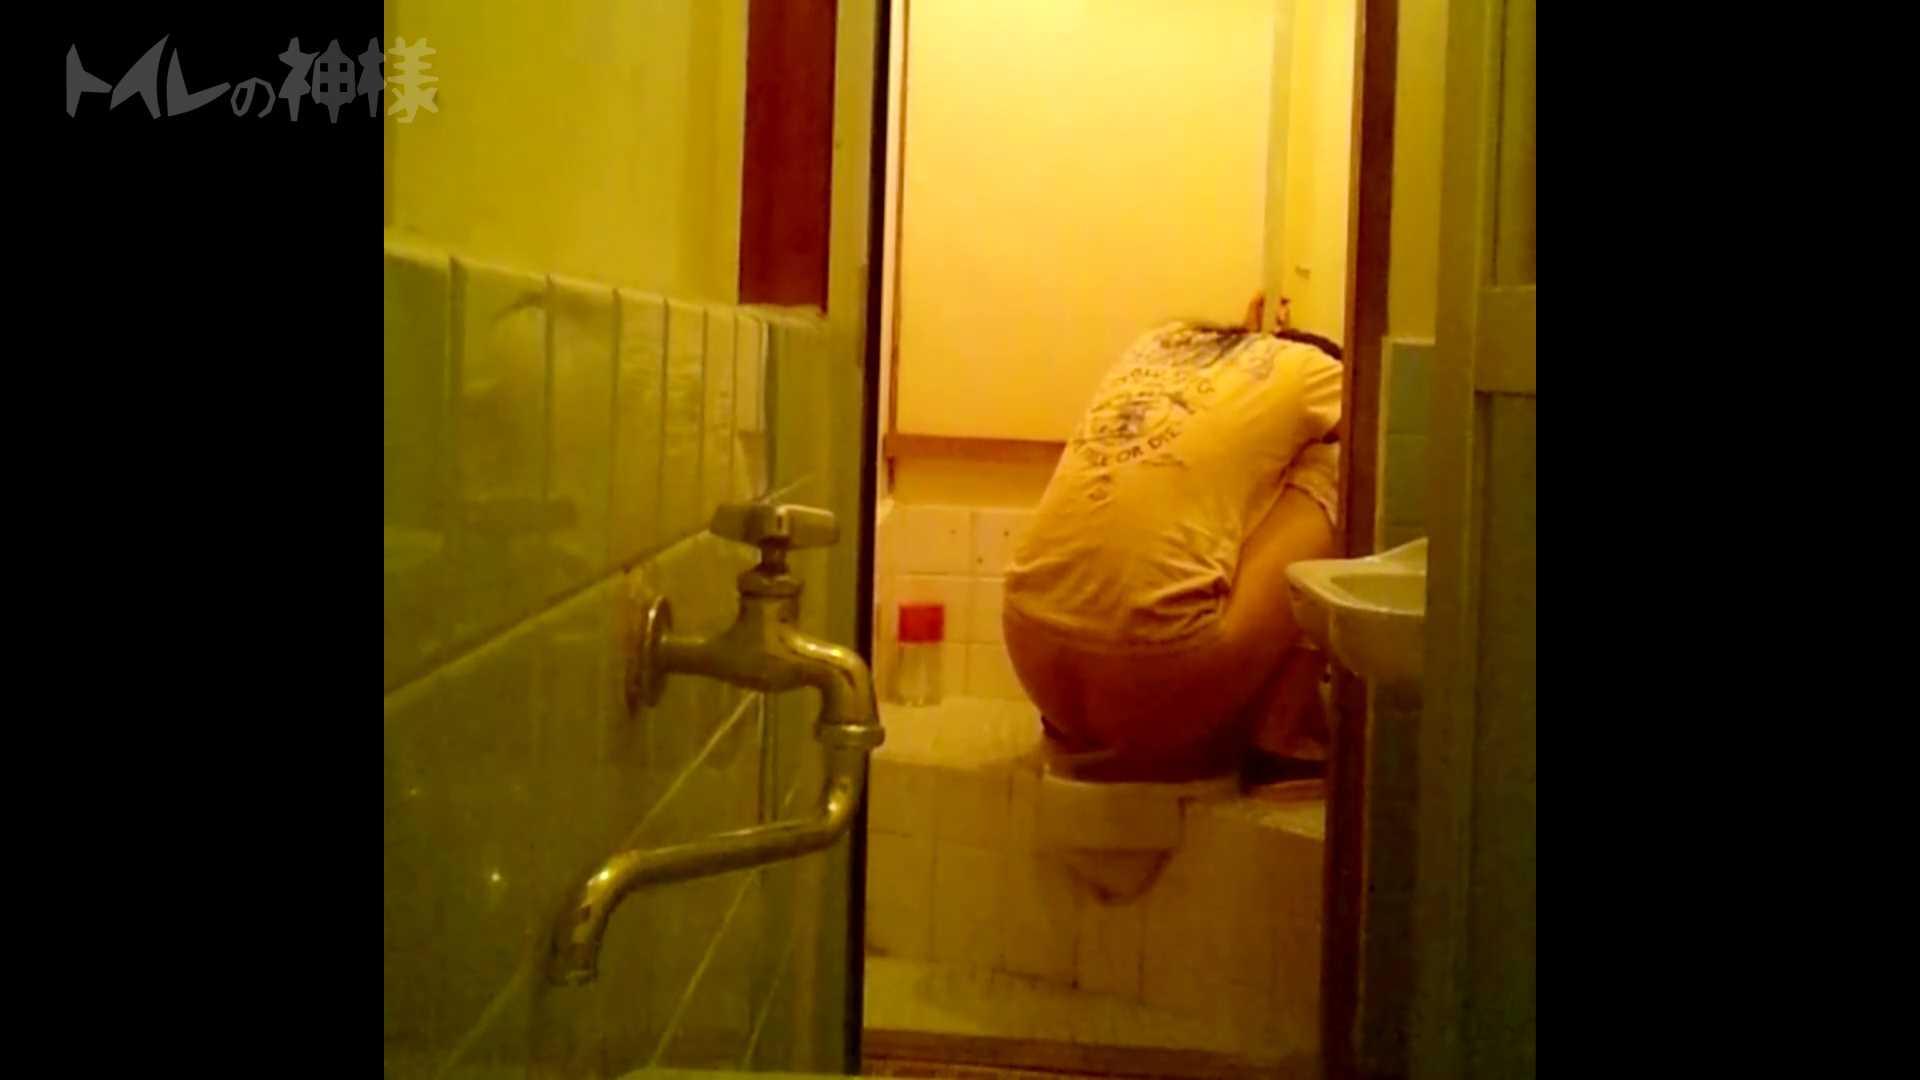 トイレの神様 Vol.08 プリントしたお・し・り OLのボディ  98PIX 94